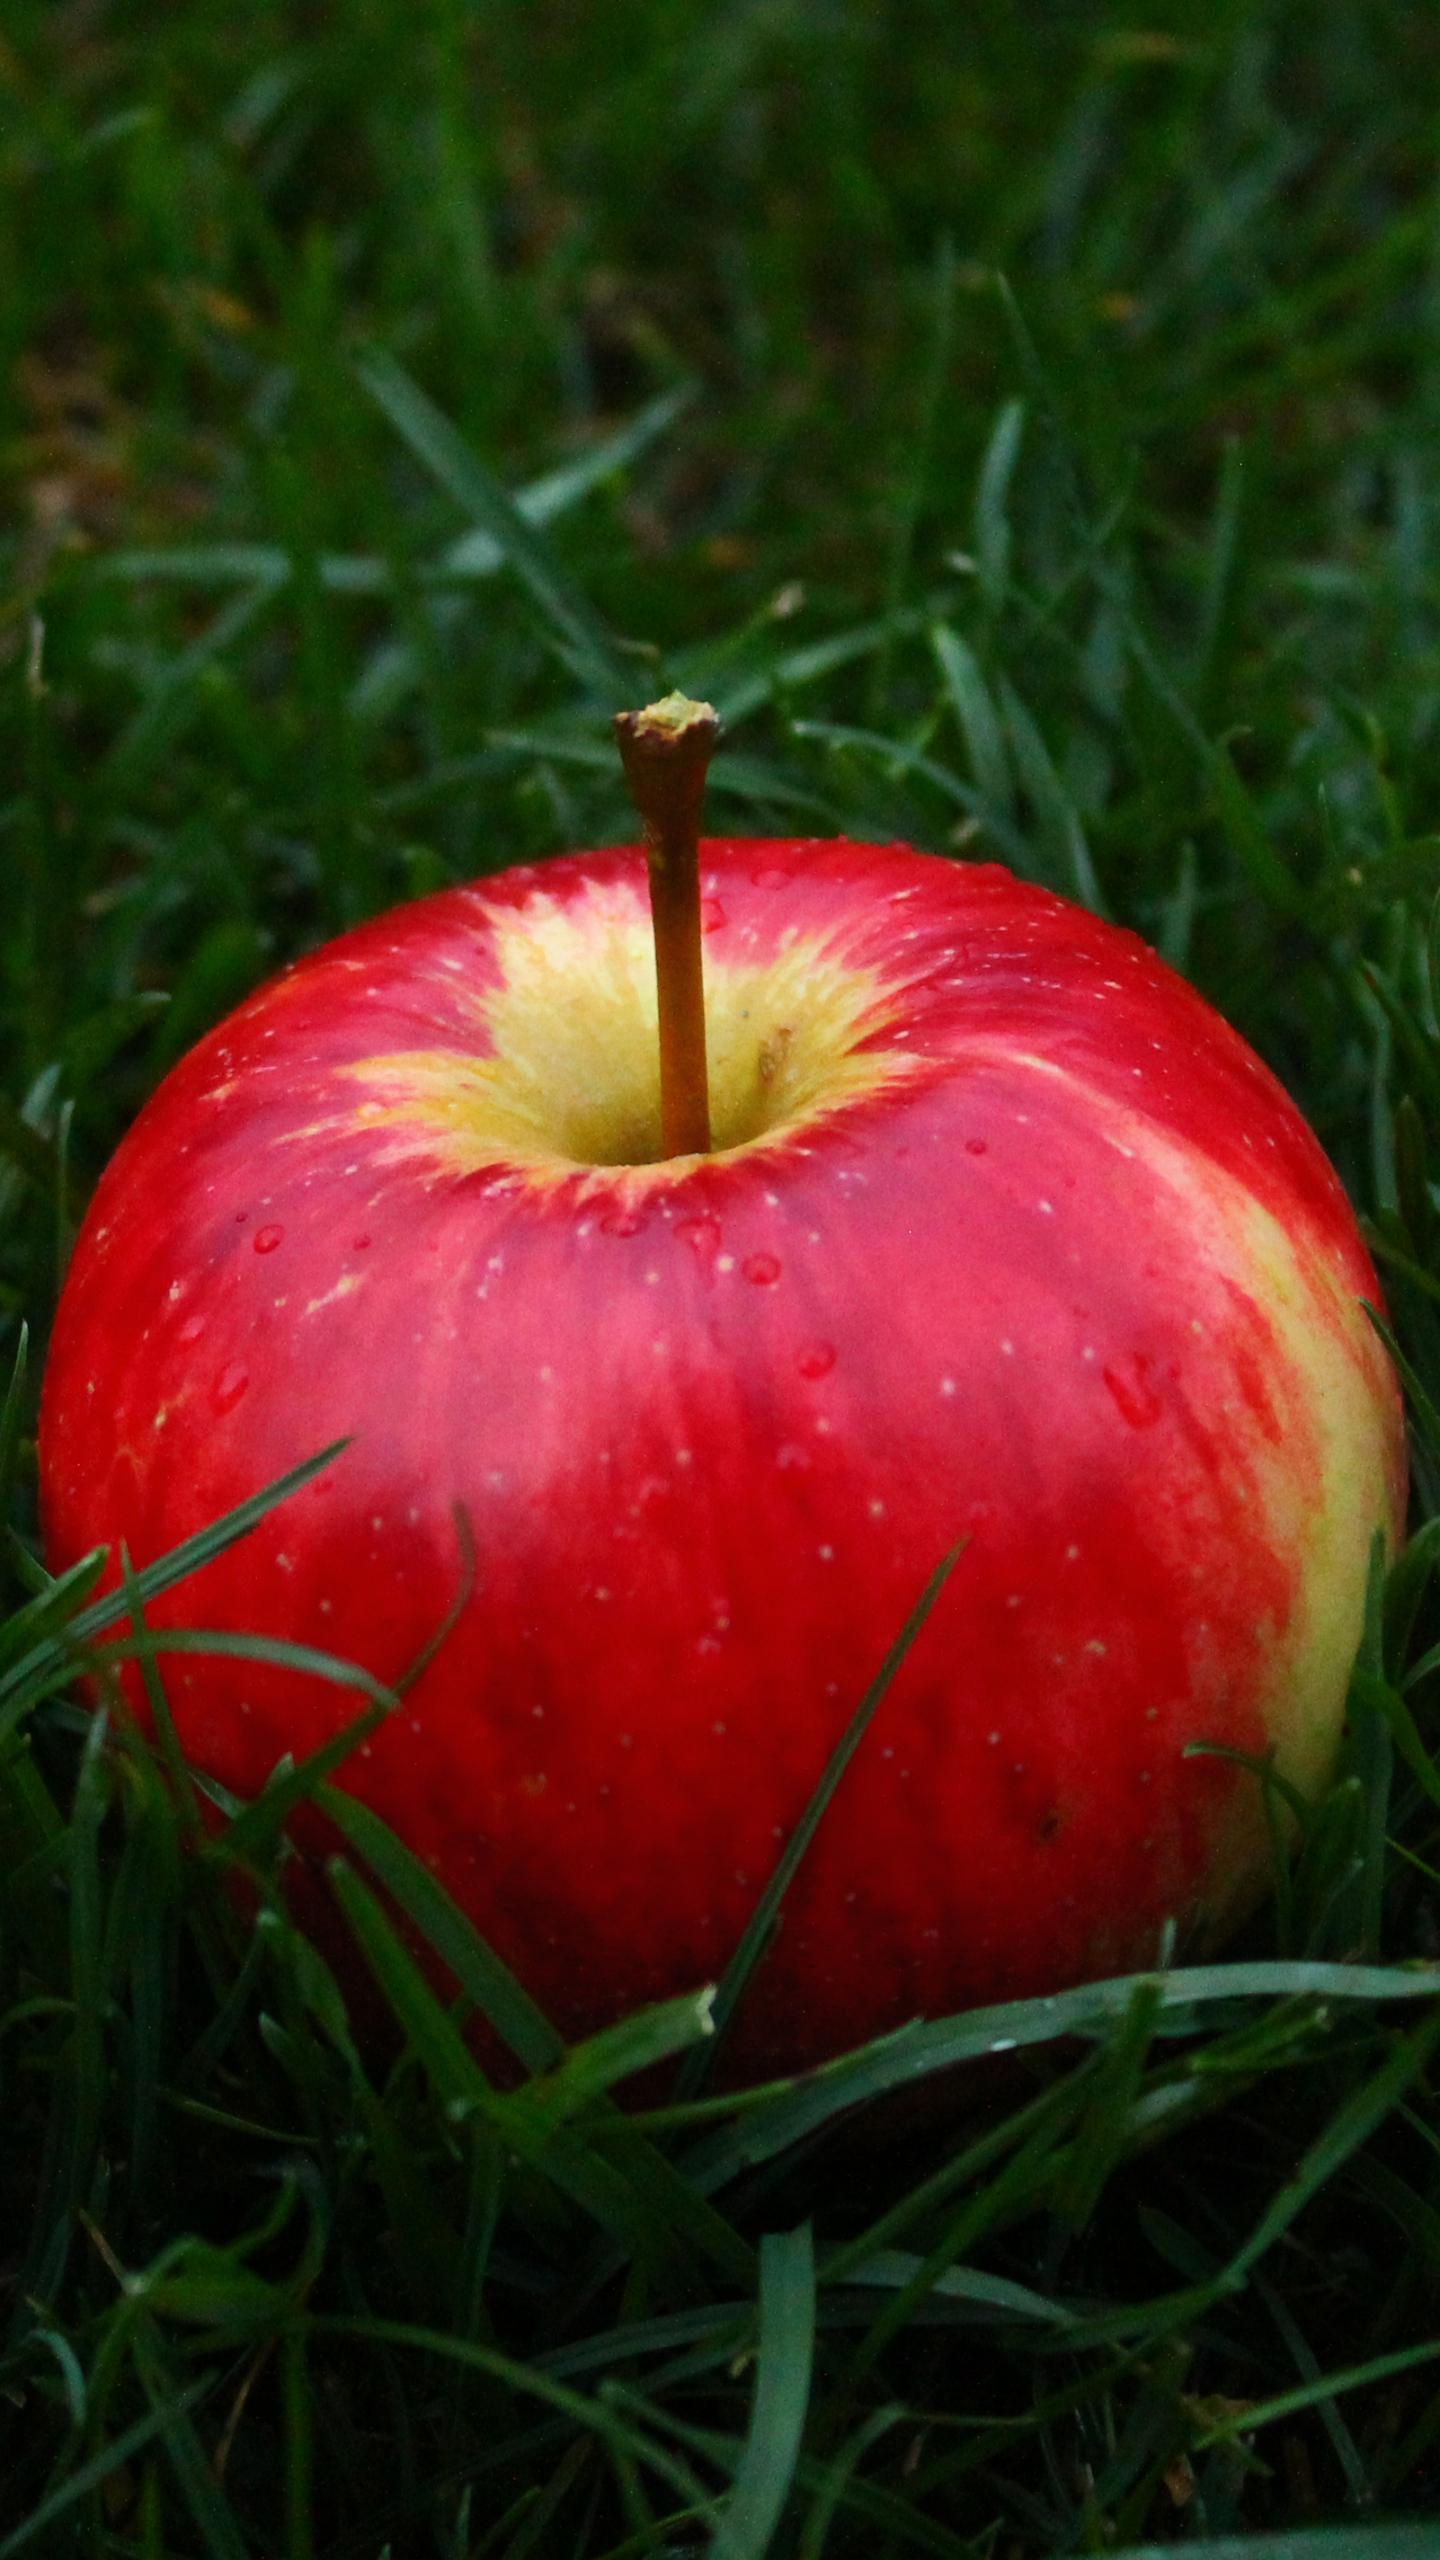 Download Wallpaper 1440x2560 Apple Fruit Grass QHD 1440x2560